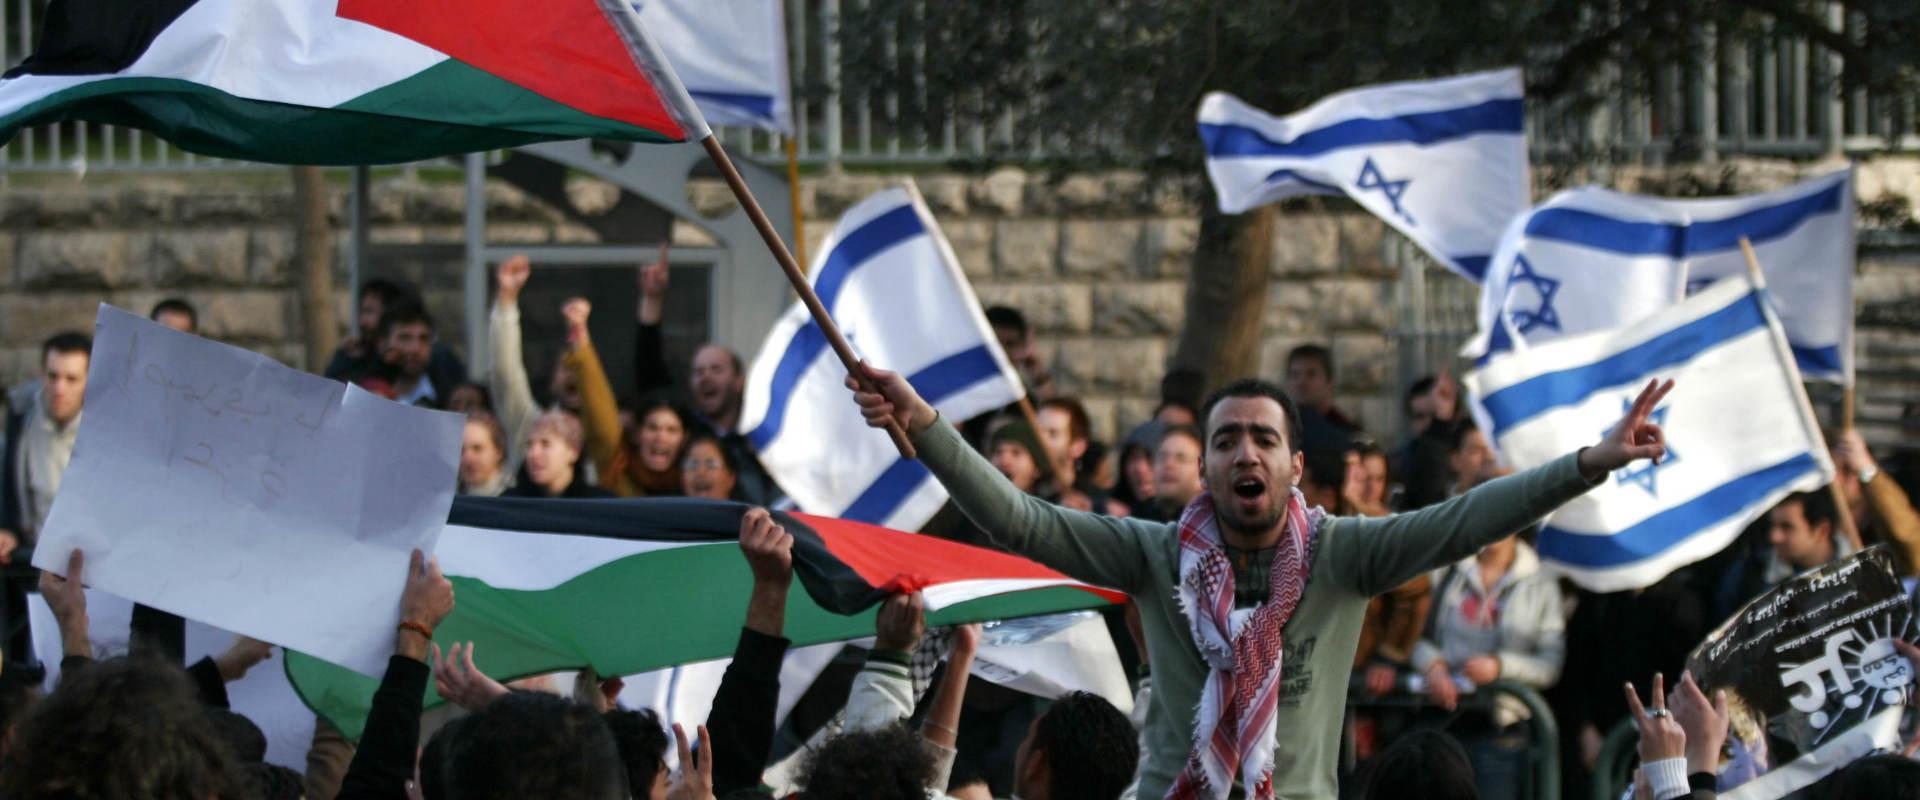 הפגנה באוניברסיטה העברית בין ערבים ליהודים